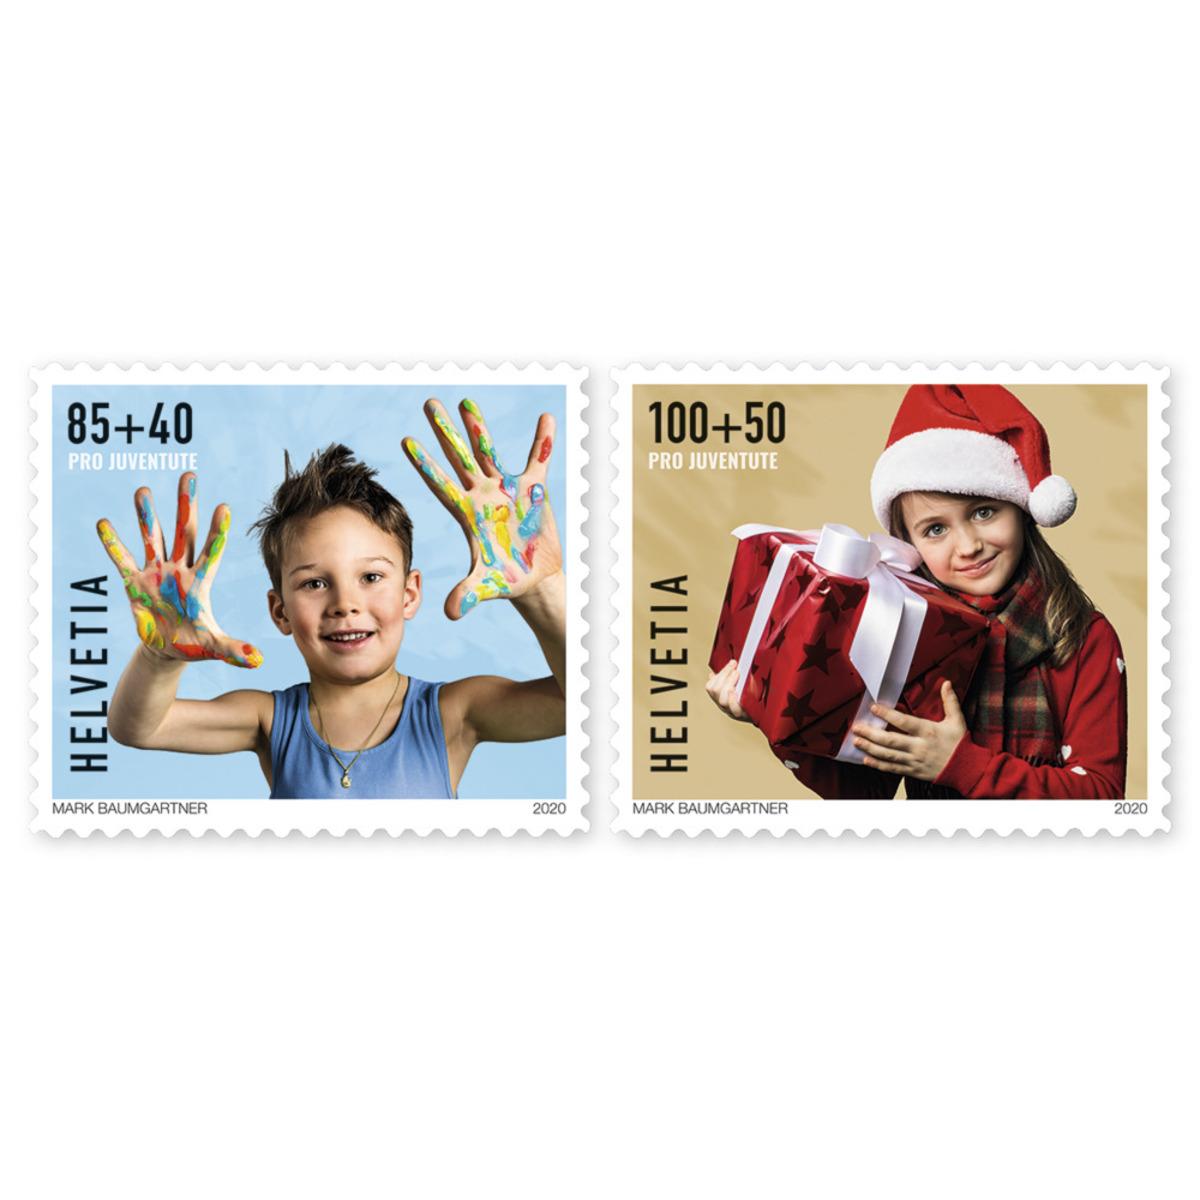 瑞士11月12日发行专业青少年队-快乐的童年邮票